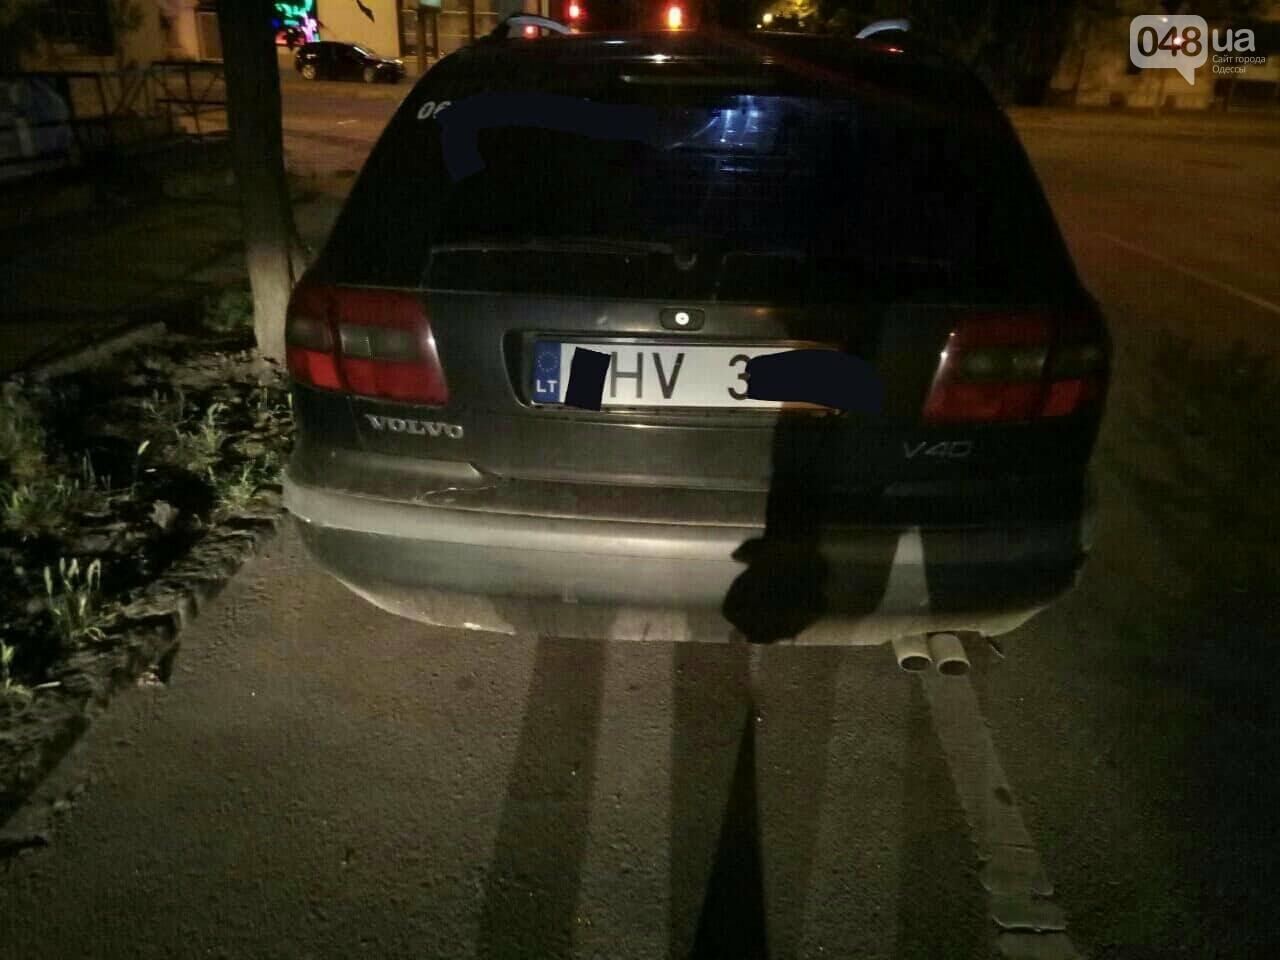 В Одессе соцсети ищут активиста, который попался пьяным за рулем, фото-1